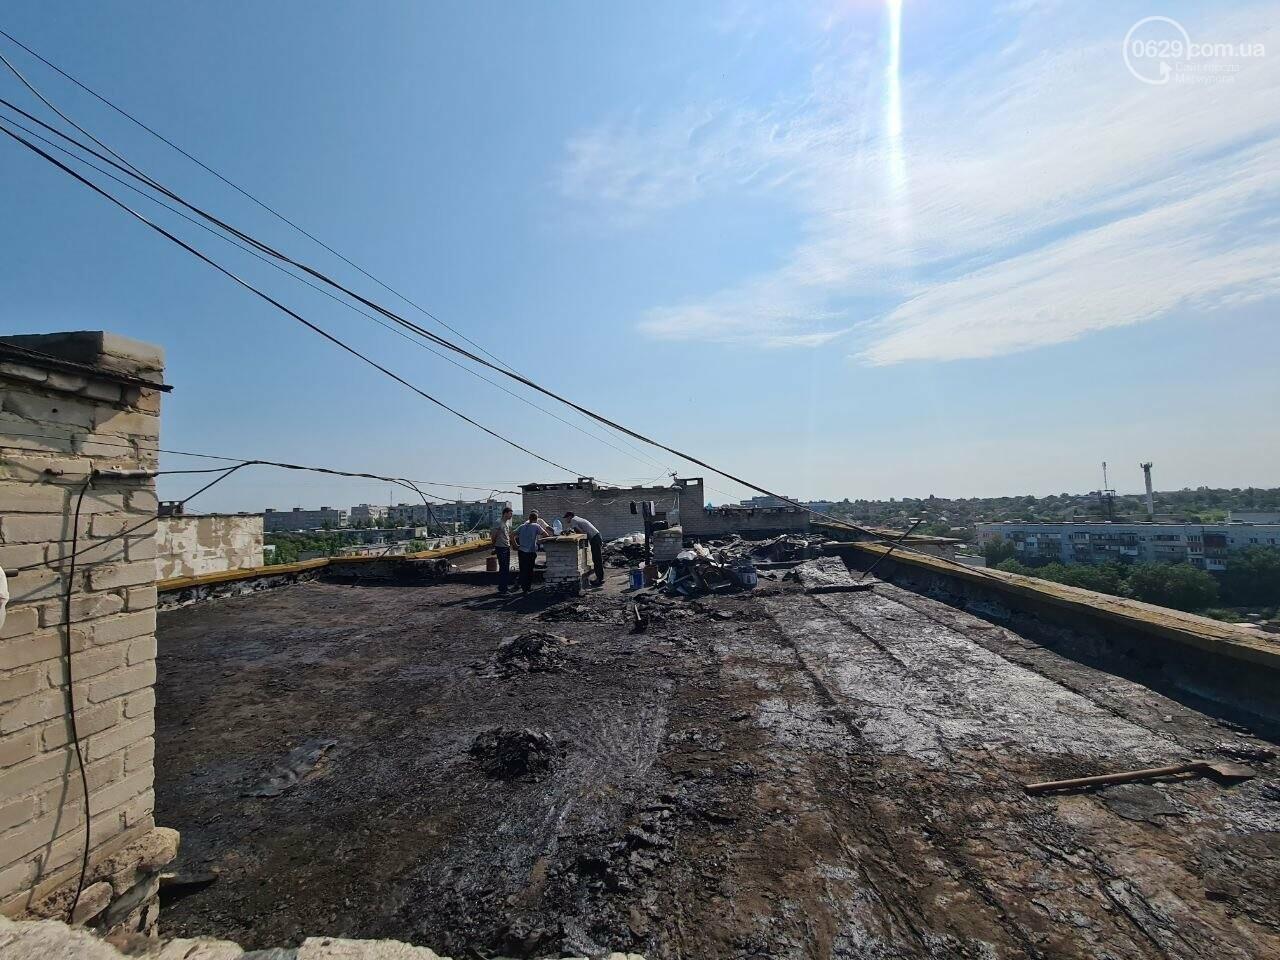 Эхо непогоды! В Мариуполе внепланово ремонтируют пострадавшую от ливня многоэтажку, - ФОТО, фото-10